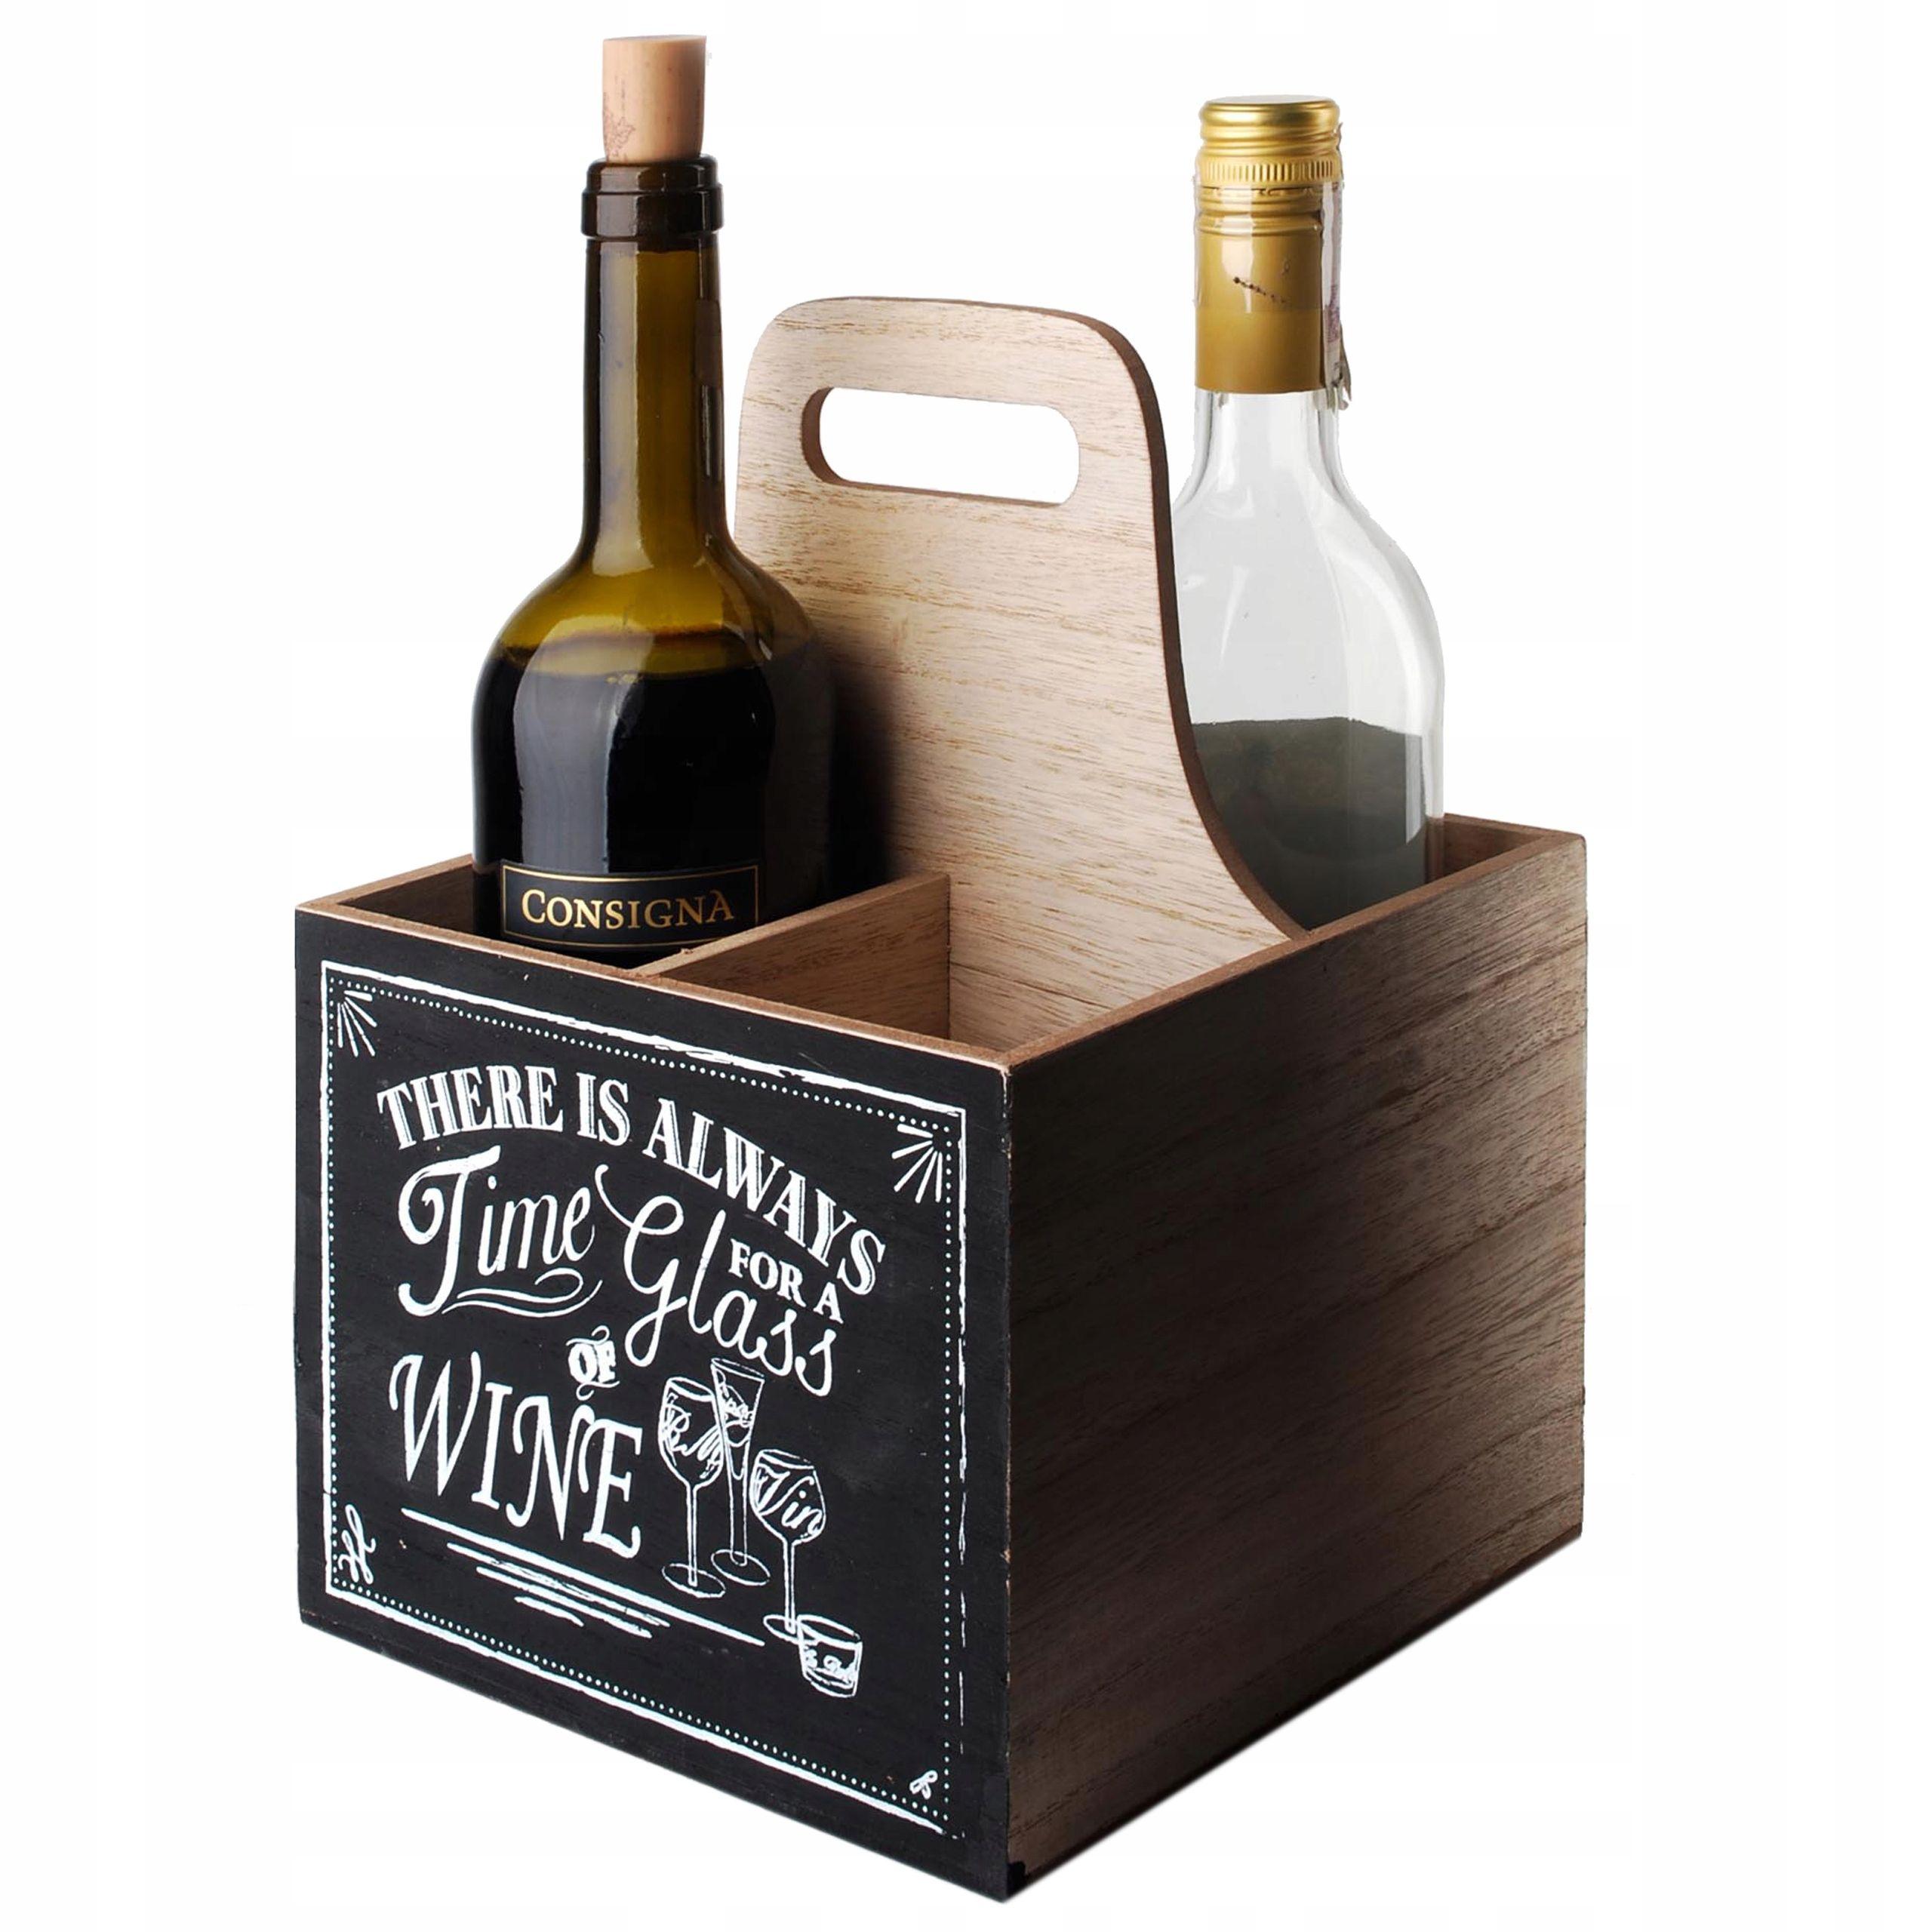 Stojak Na Wino Skrzynia Butelki Alkohol Prezent In 2020 Stojak Na Wino Alkohol Wino